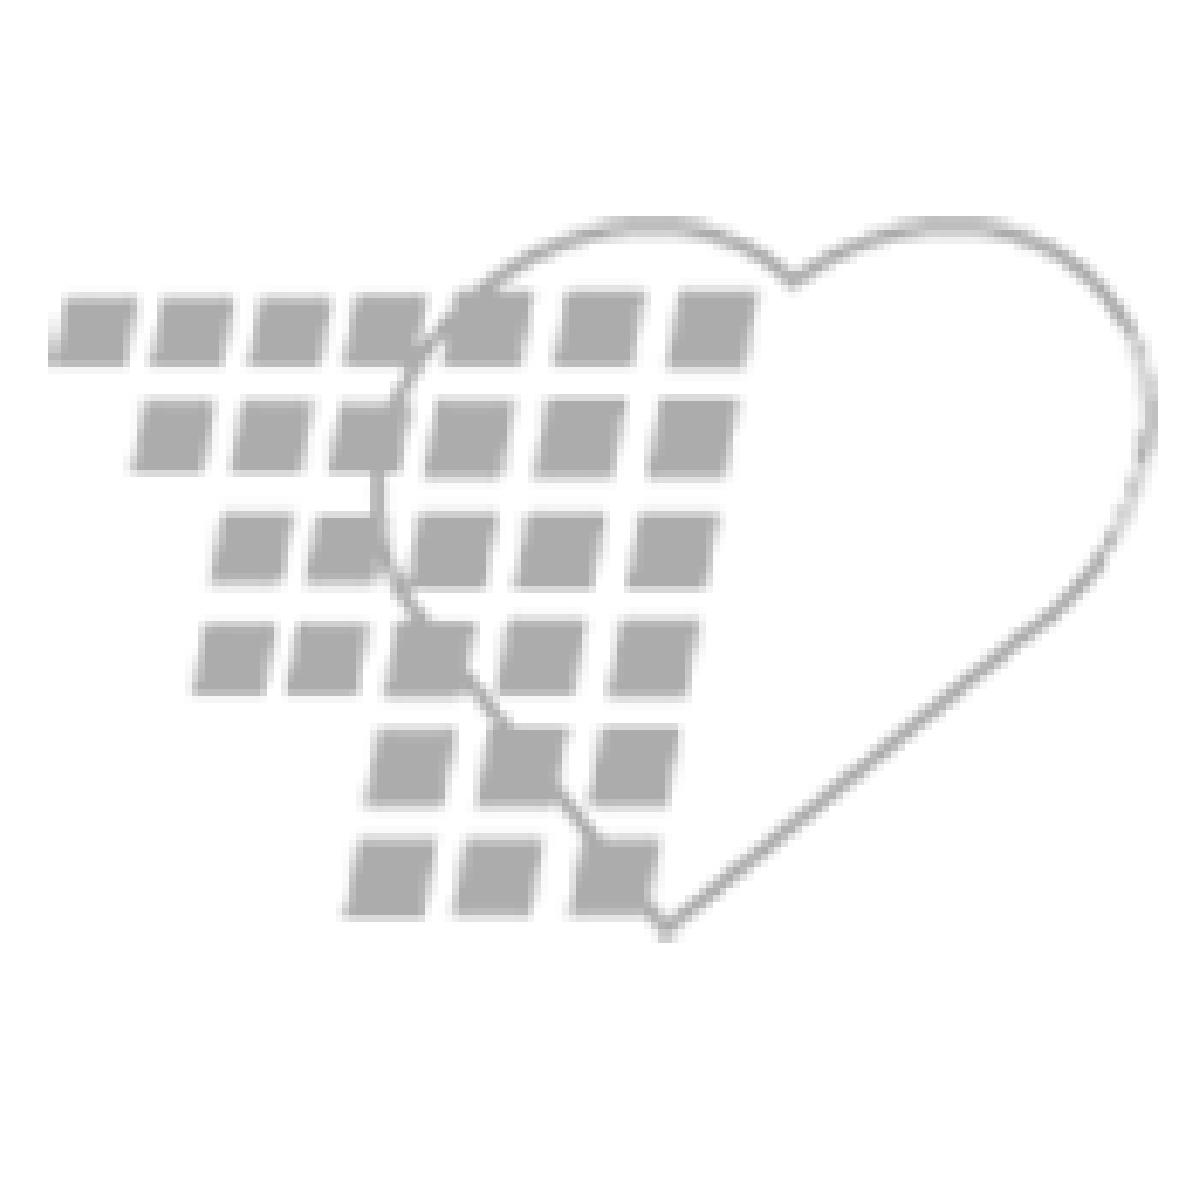 05-74-6128-2OZ - DawnMist® Lotion Soap - 2oz